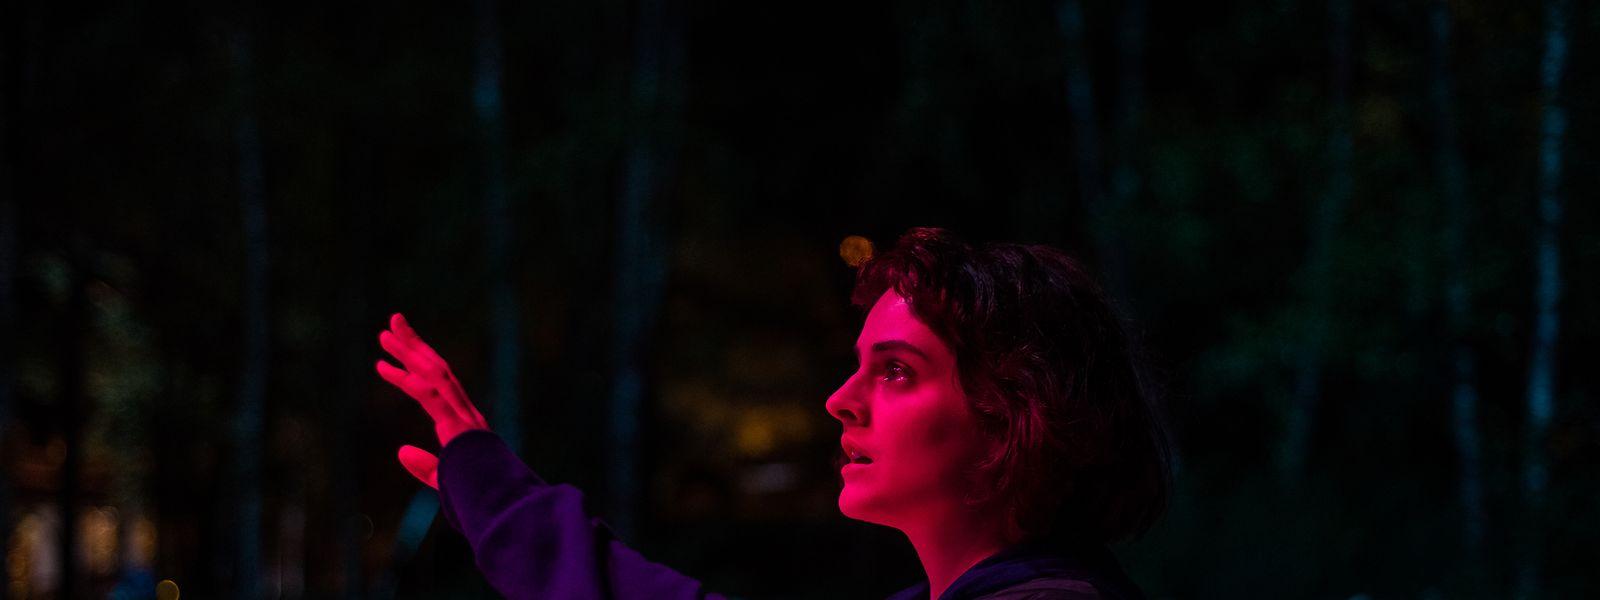 «Jumbo» raconte l'histoire d'une fille timide qui tombe sous le charme d'un manège inhabituel dans un parc d'attractions